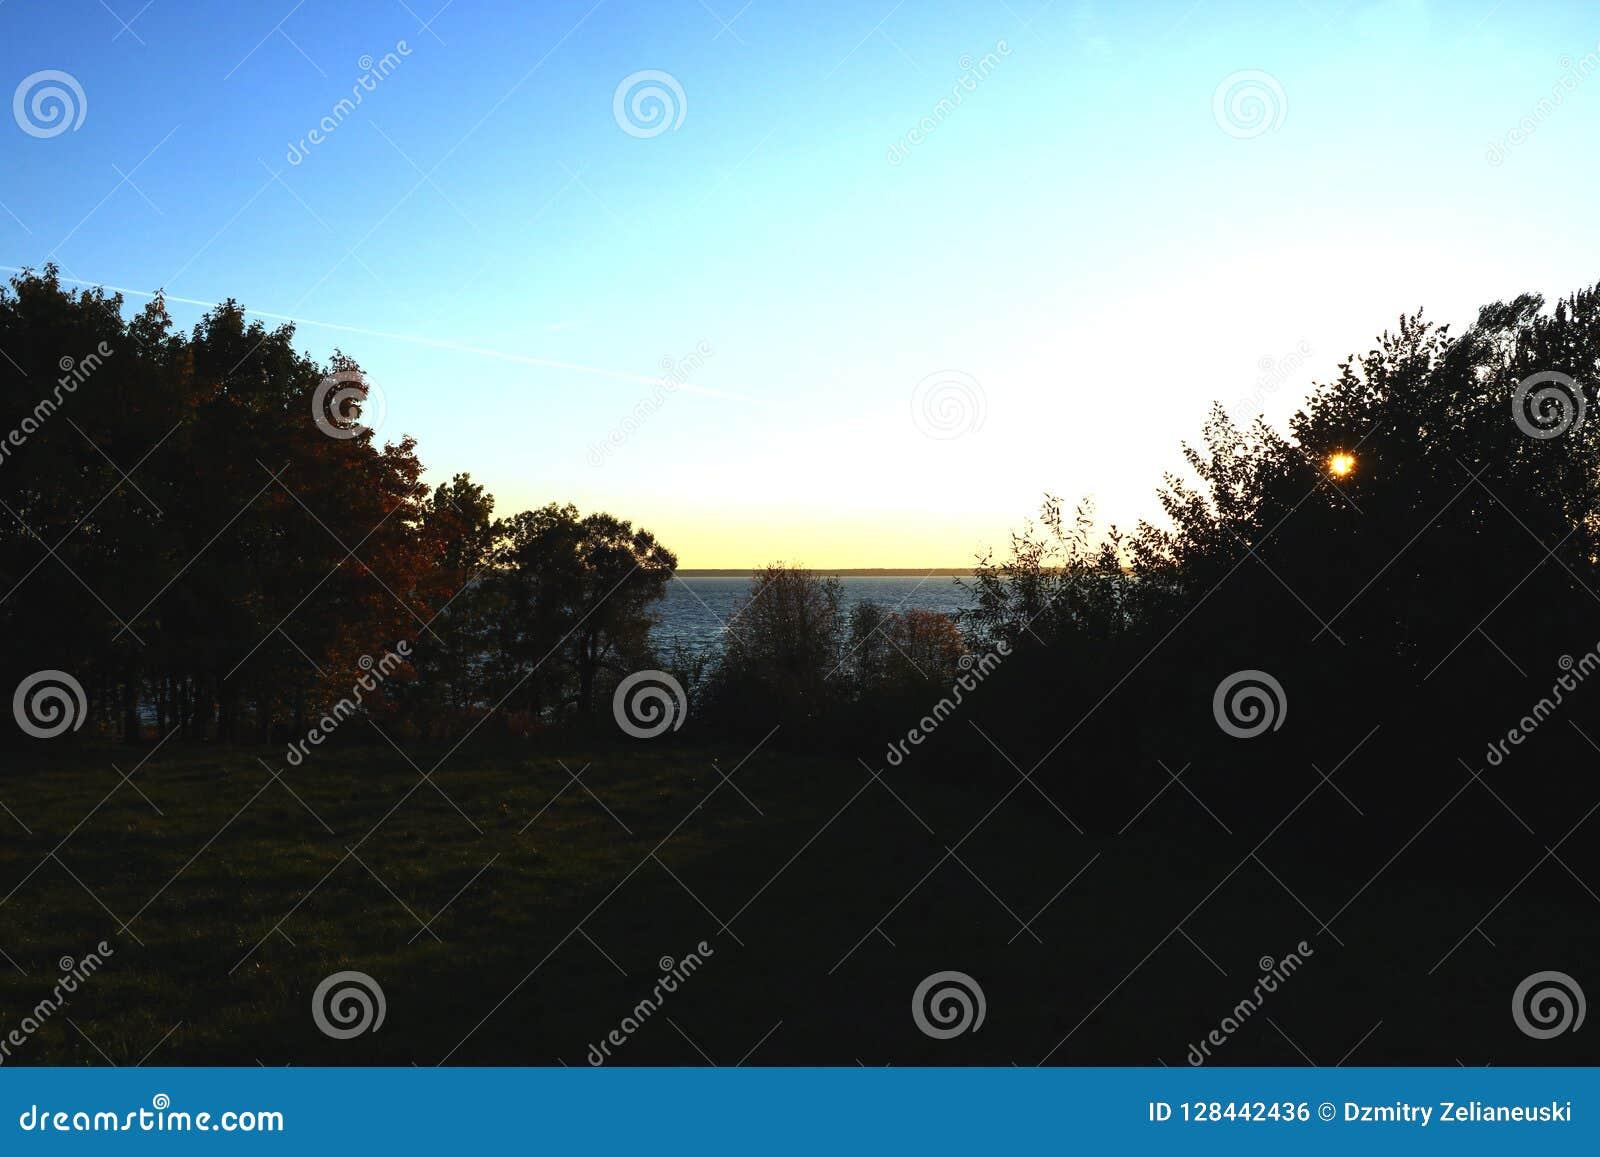 Sonnenuntergang auf dem See umgeben durch Bäume, Hintergrund